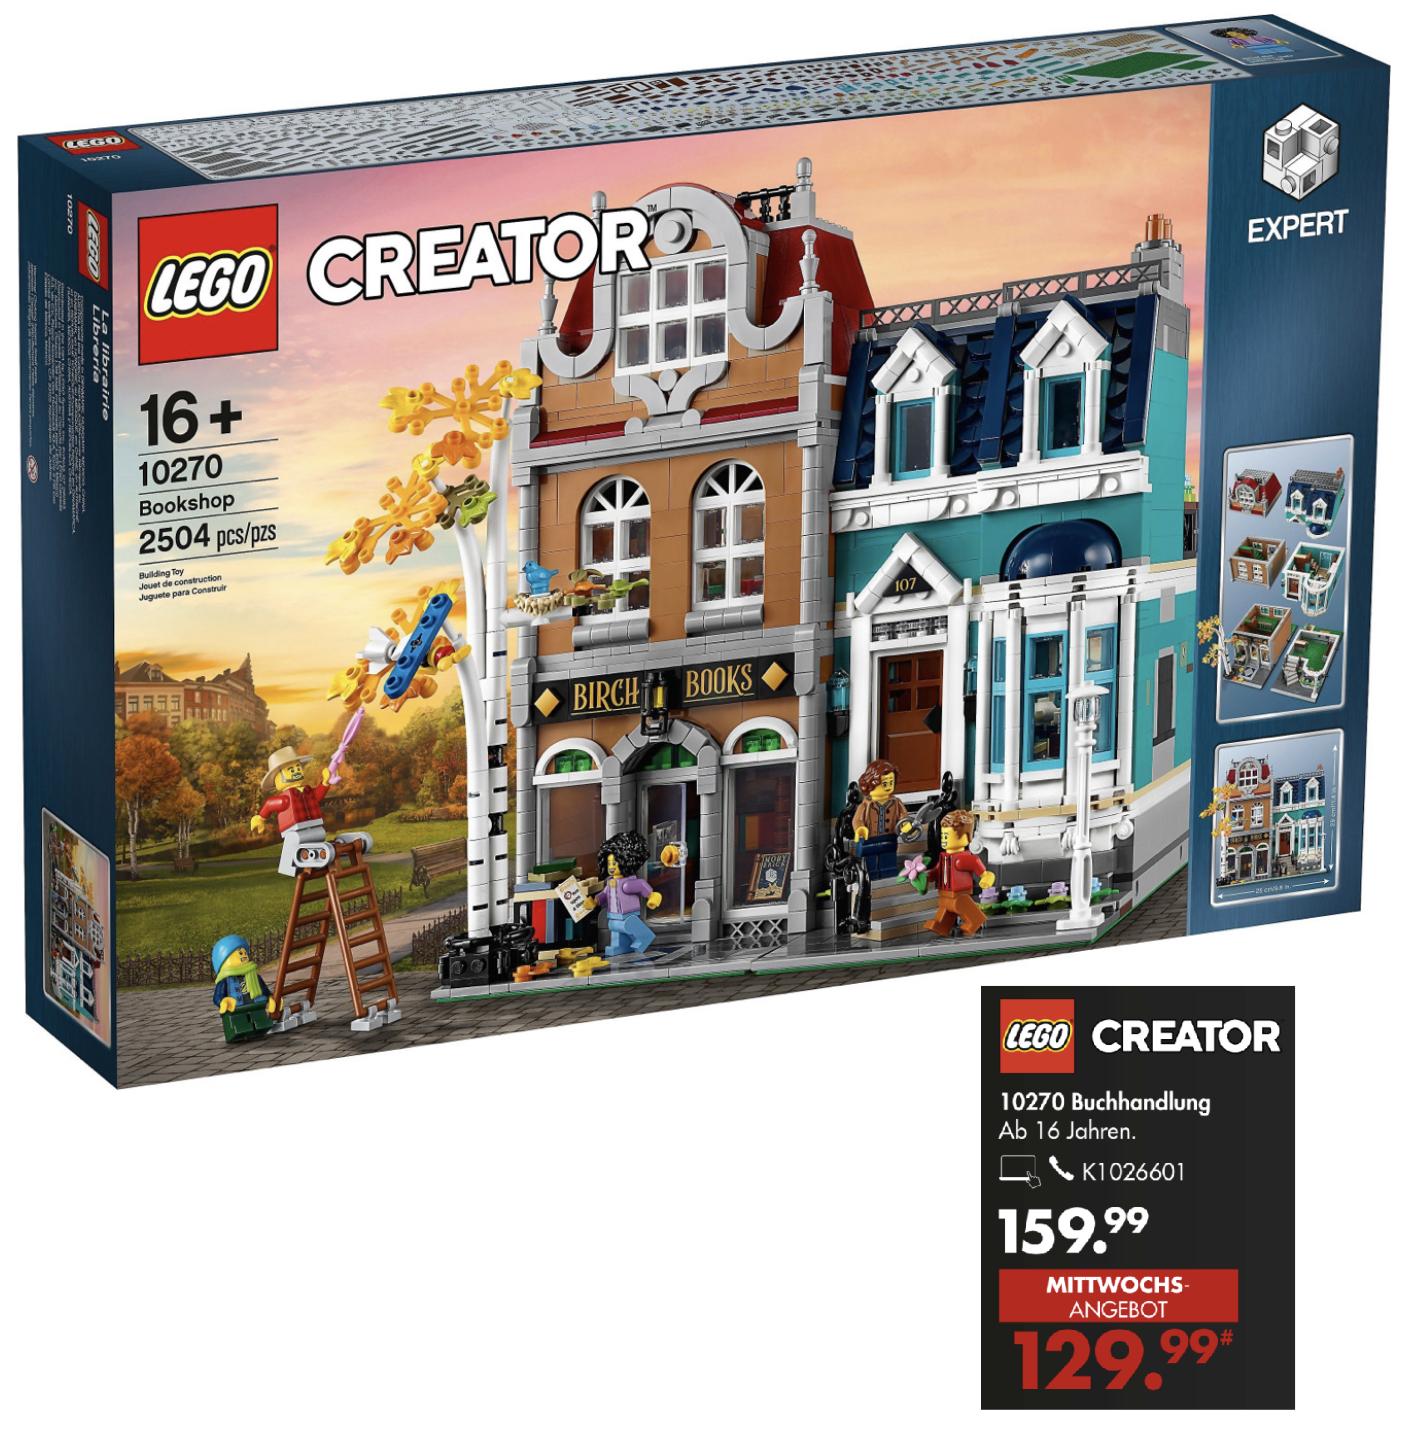 Nur am 21.04.: LEGO Creator Expert 10270 Buchhandlung für 129,99€